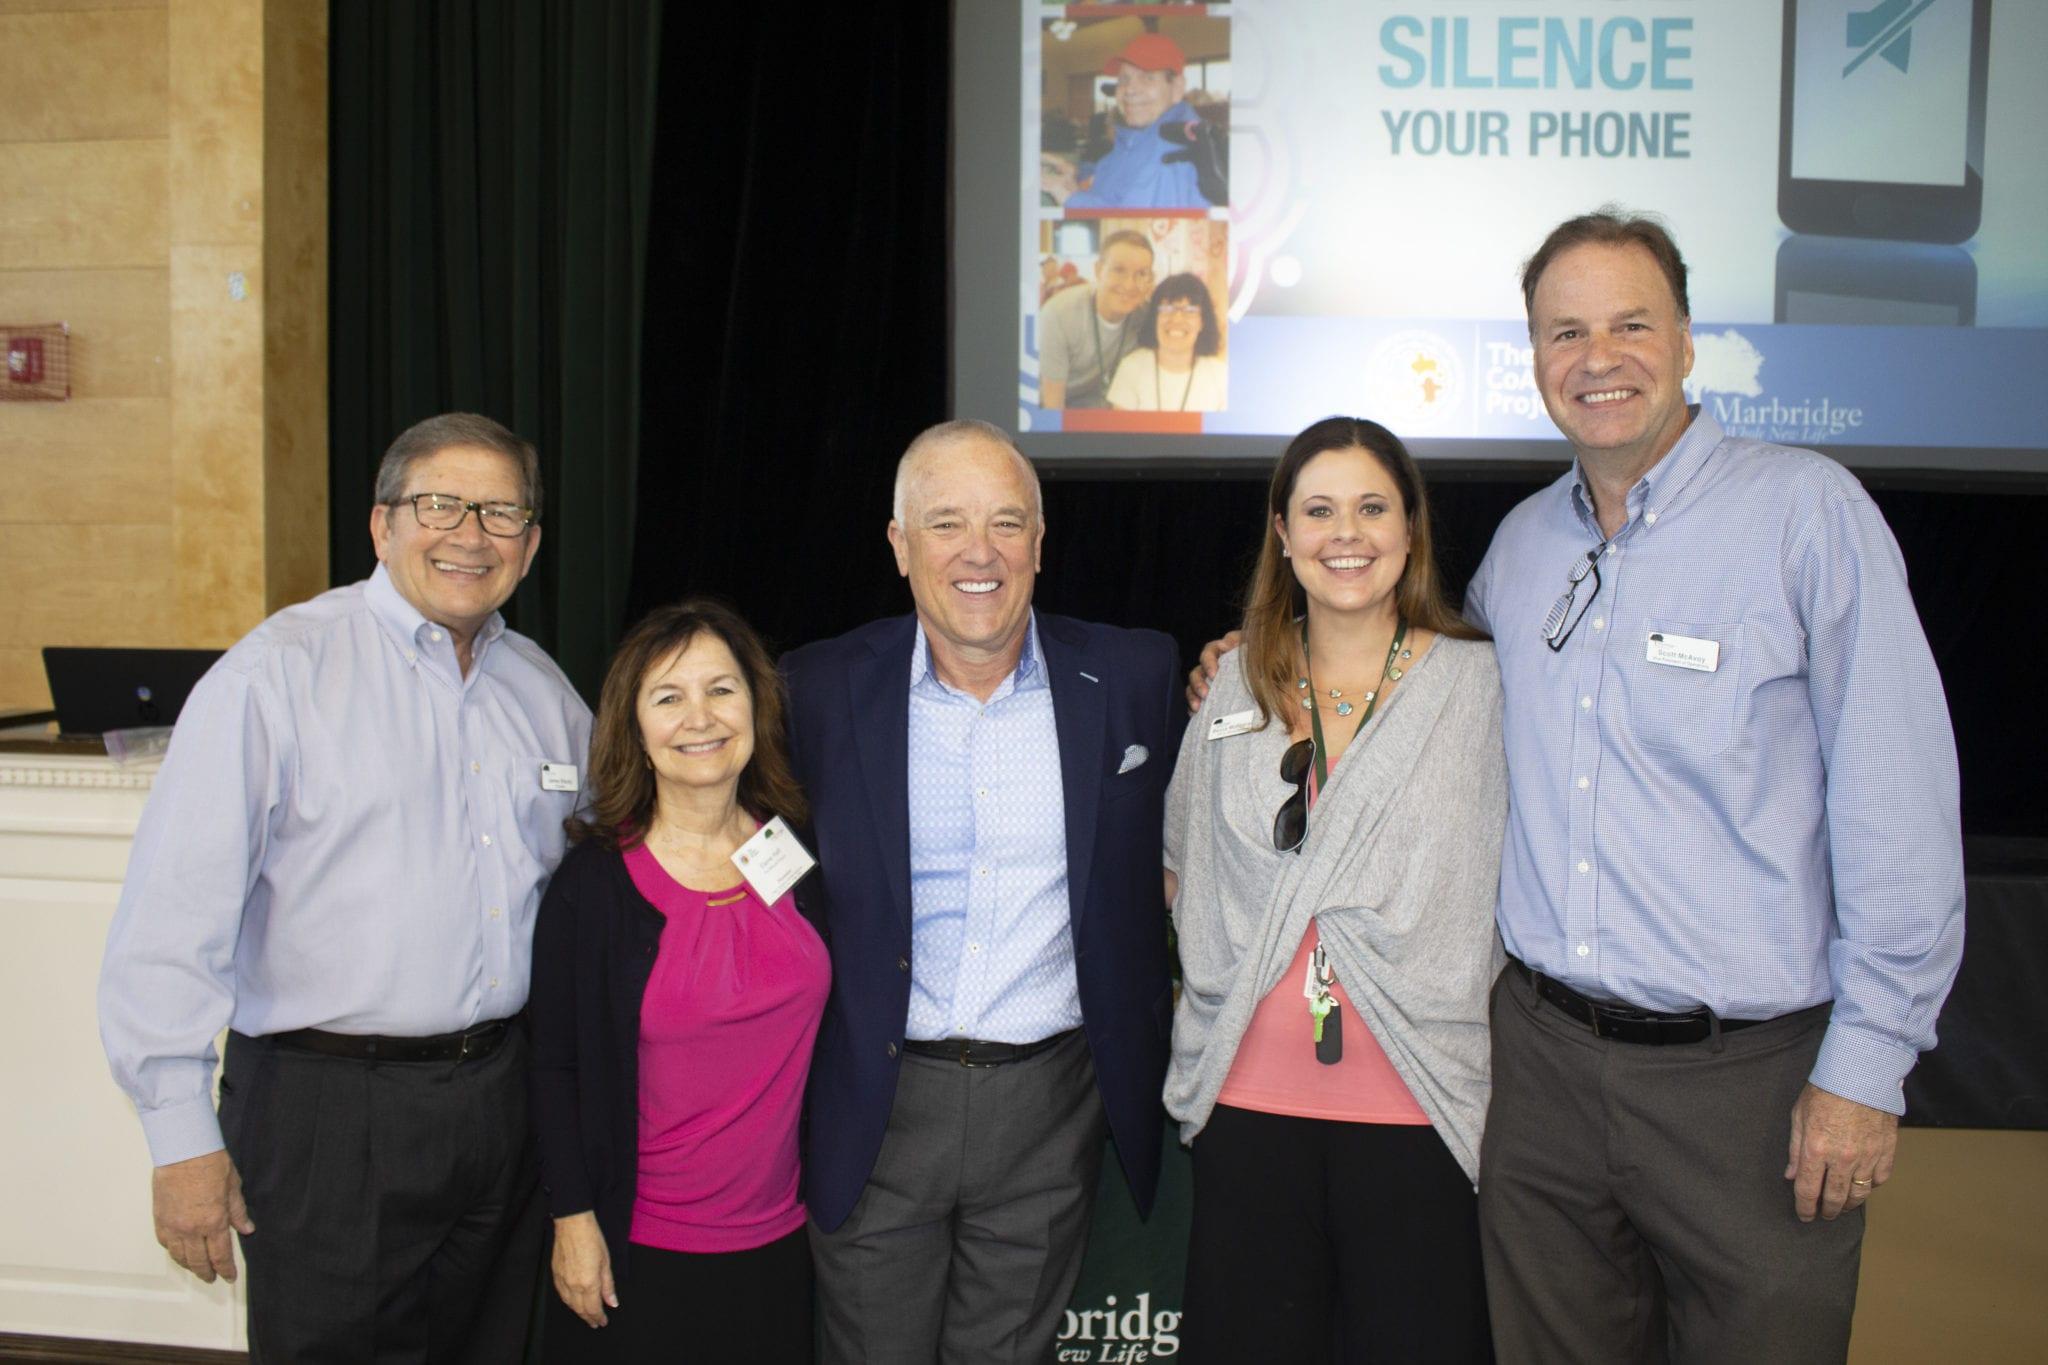 Marbridge Hosts 7th Annual CoAct Leadership Symposium